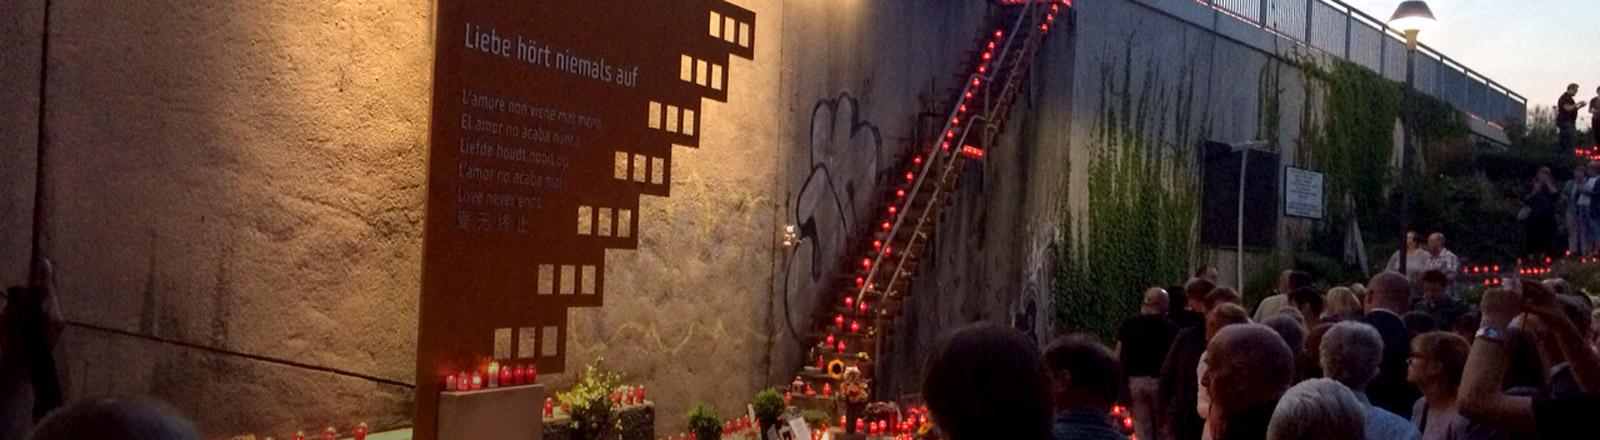 Gedenken an der Unglücksstelle der Loveparade Duisburg 2010